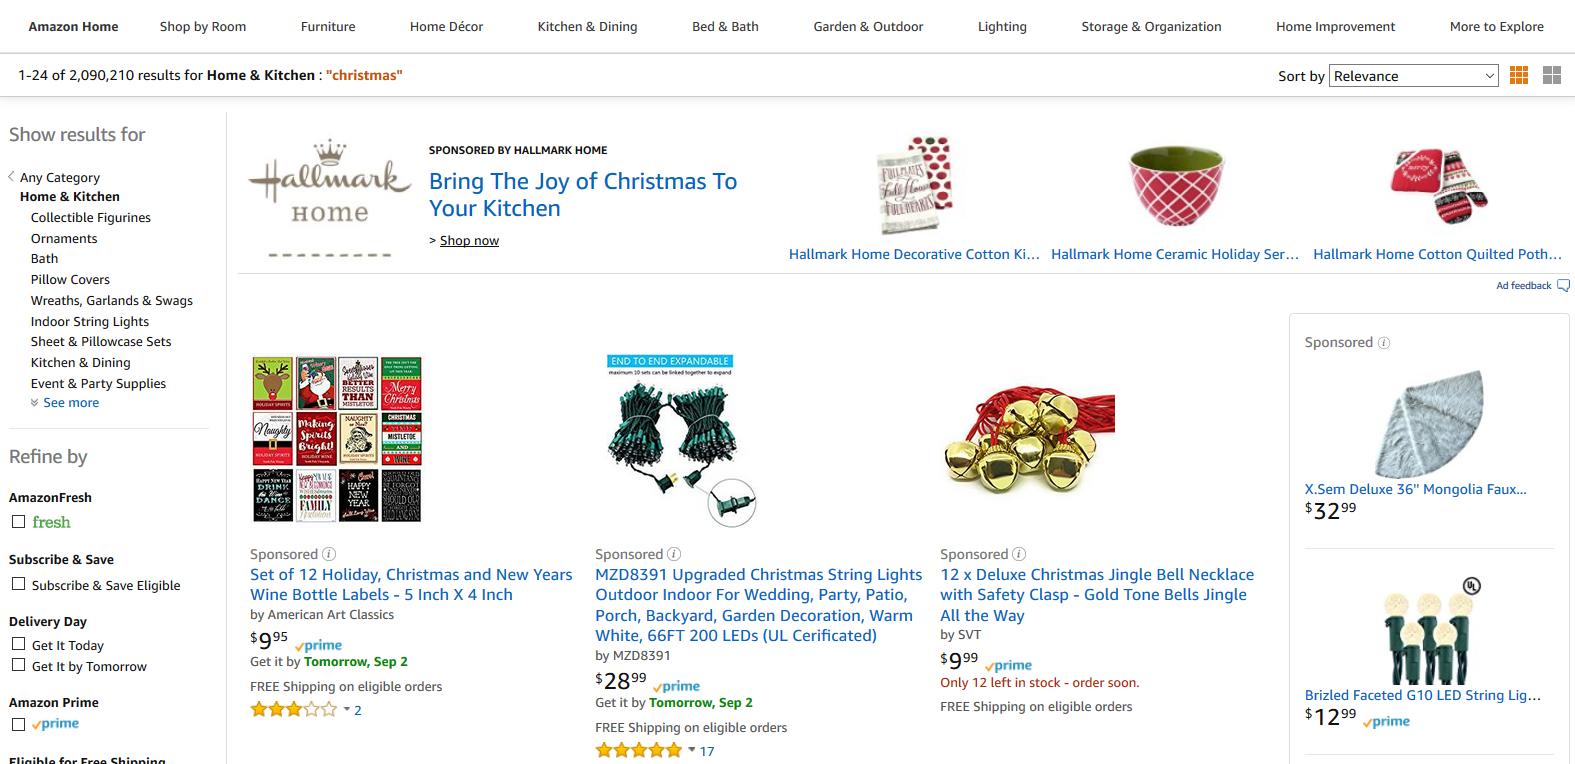 Christmas Products on Amazon